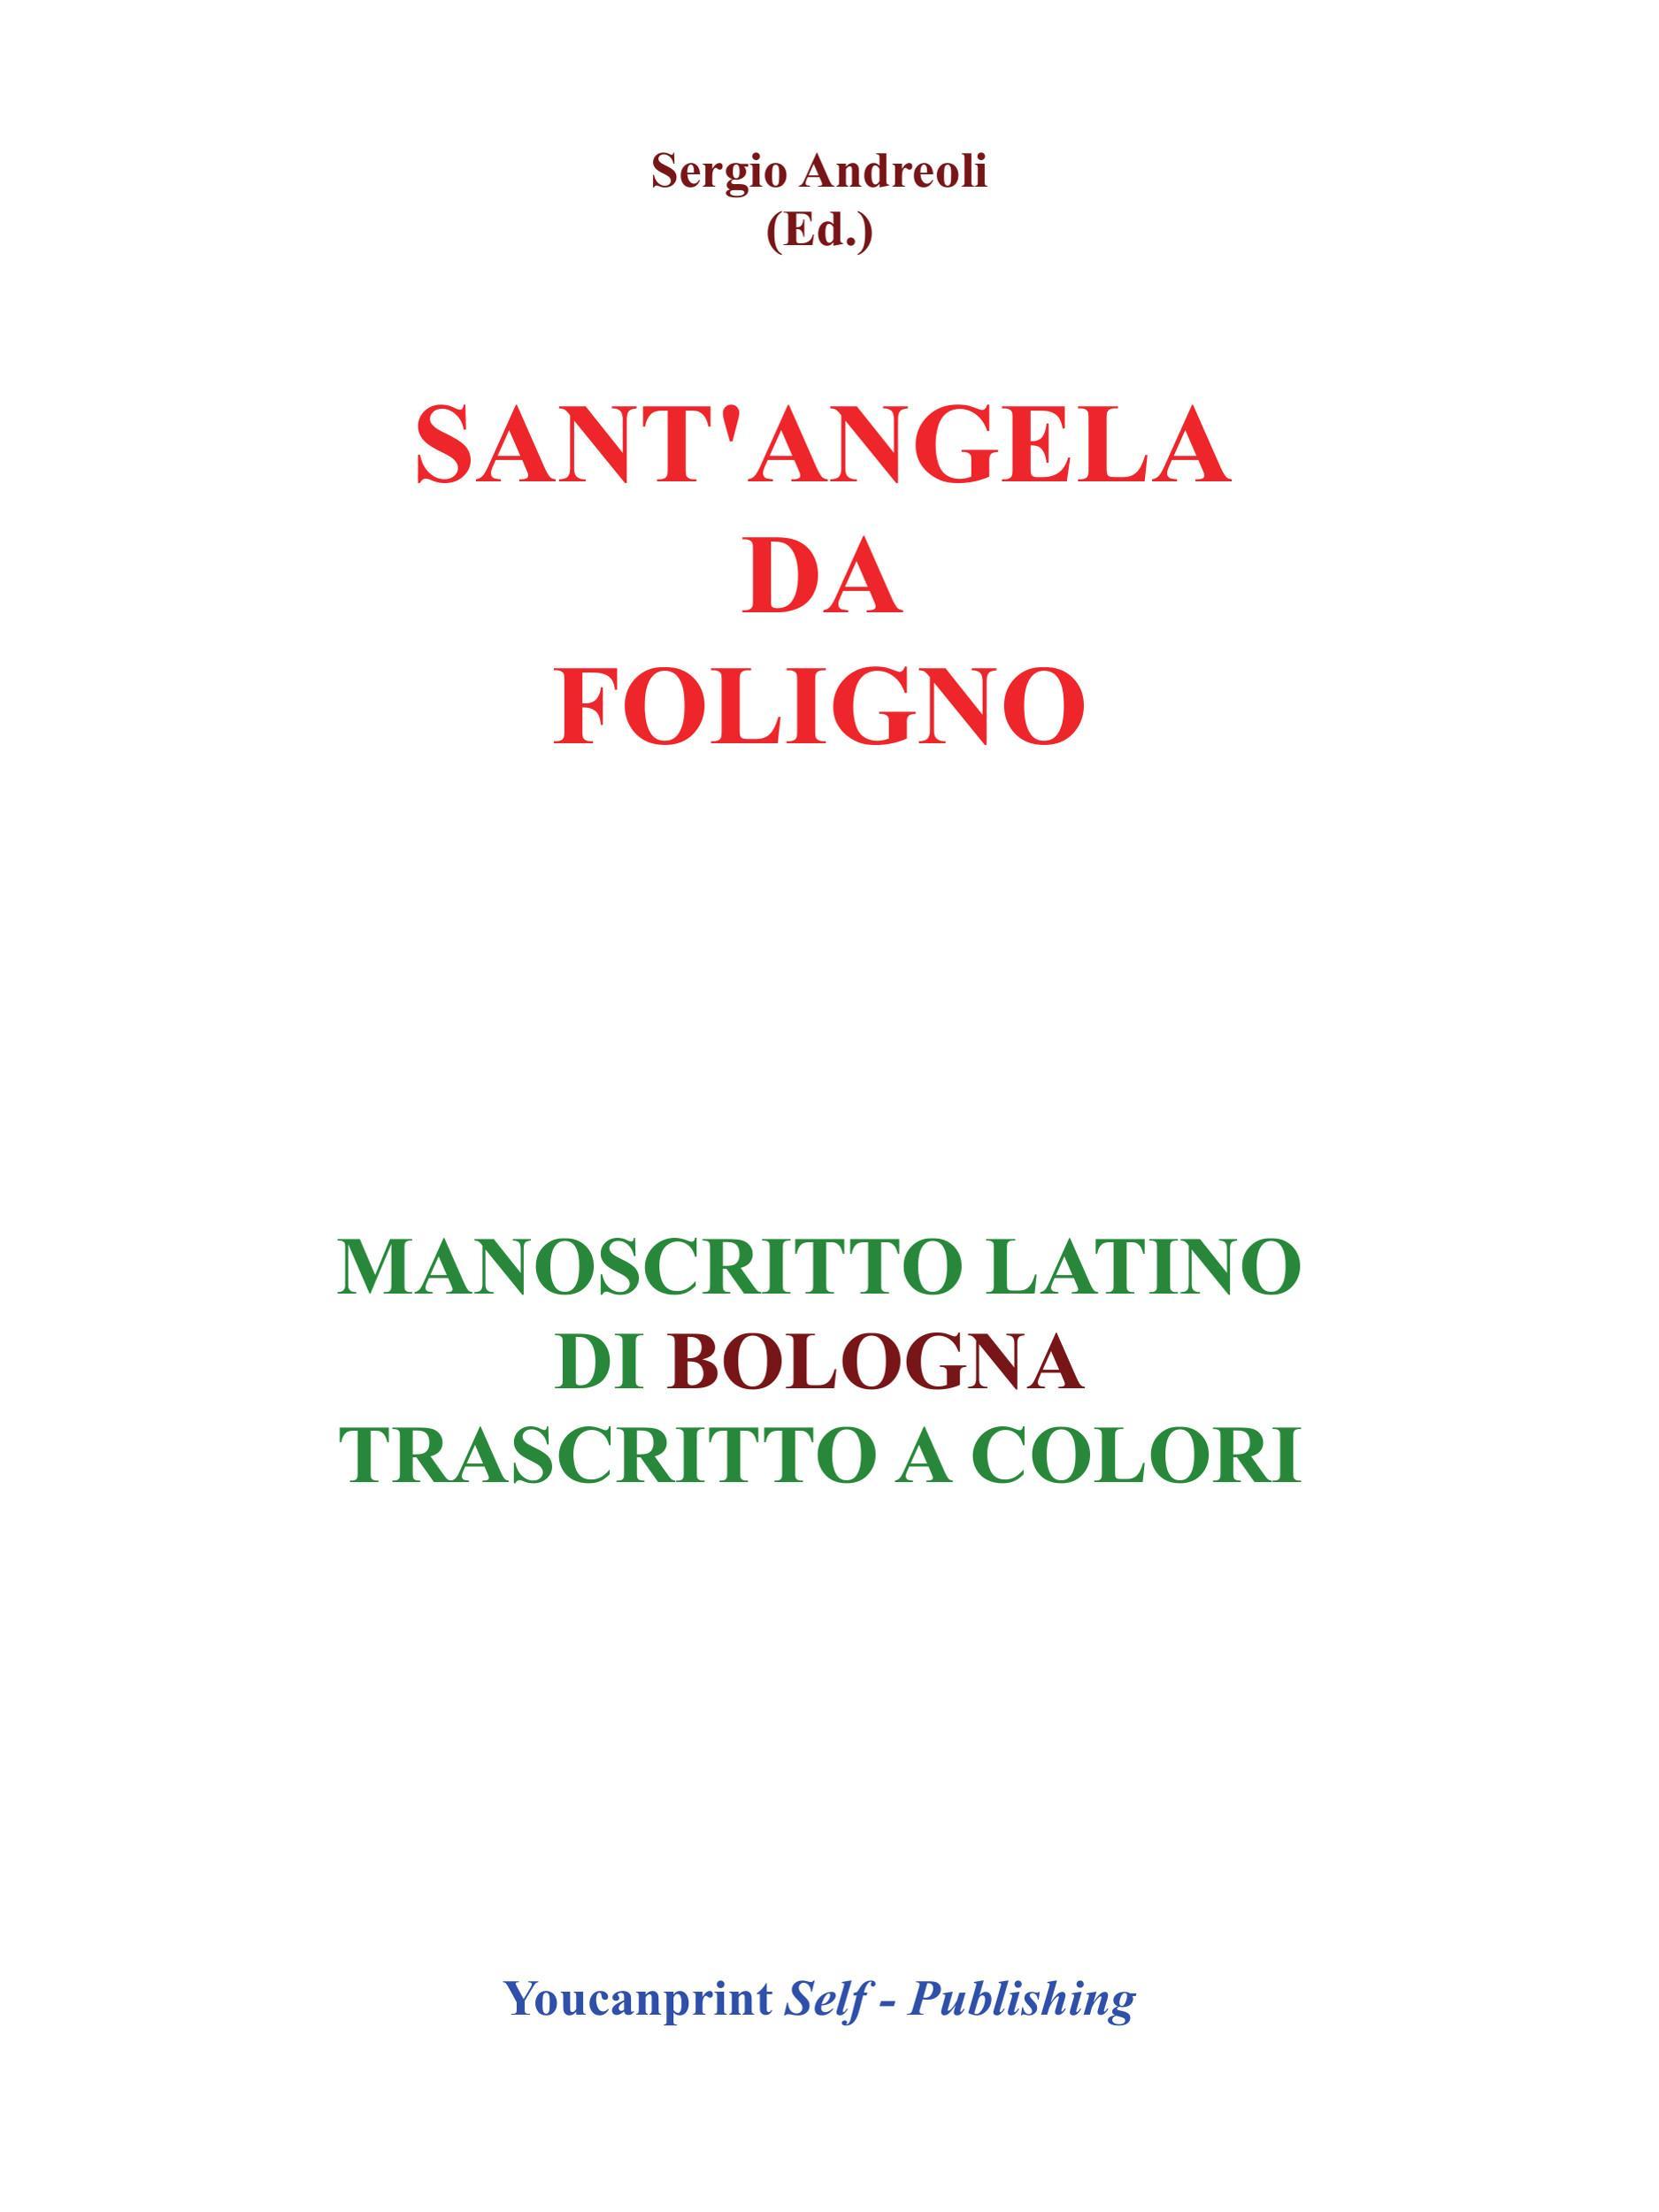 S.Angela da Foligno - Manoscritto latino di Bologna trascritto a colori